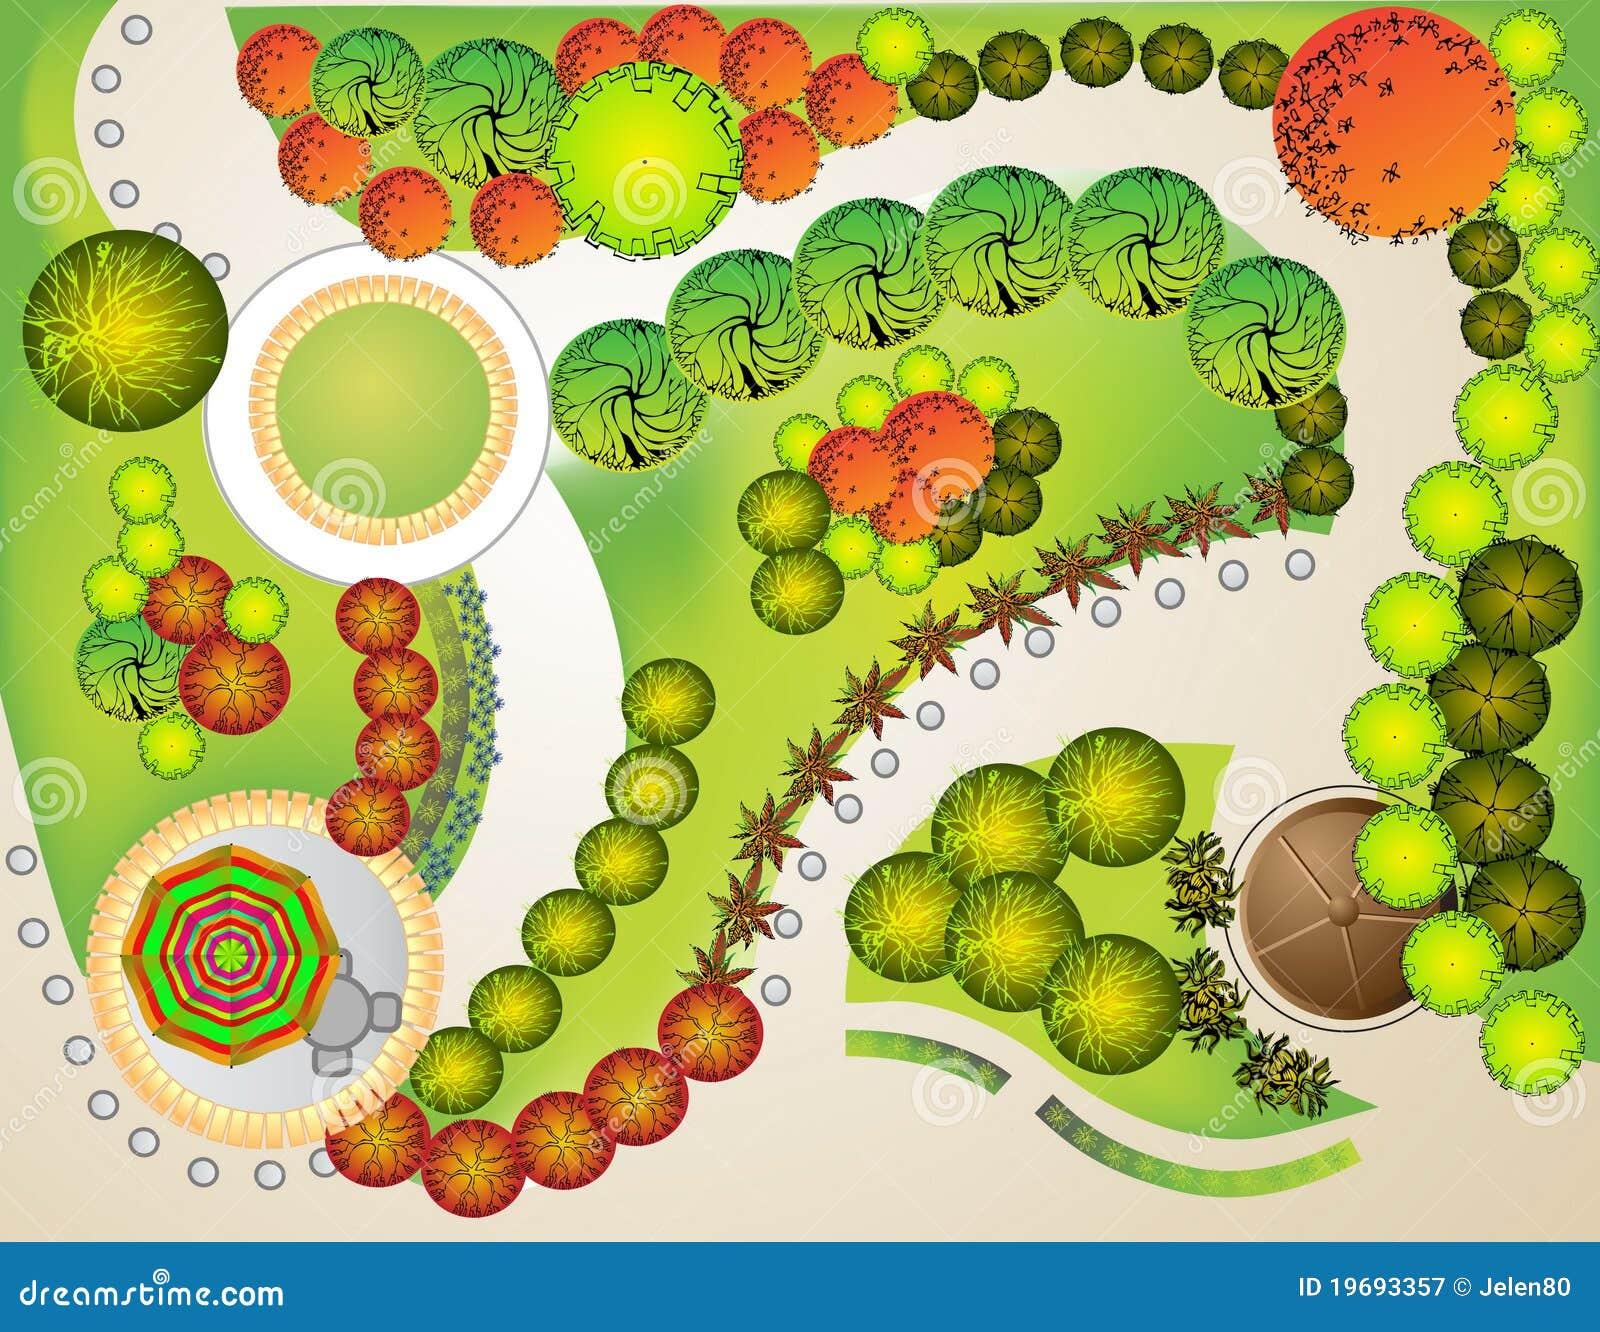 Landscape plan royalty free stock photography image for Online landscape design